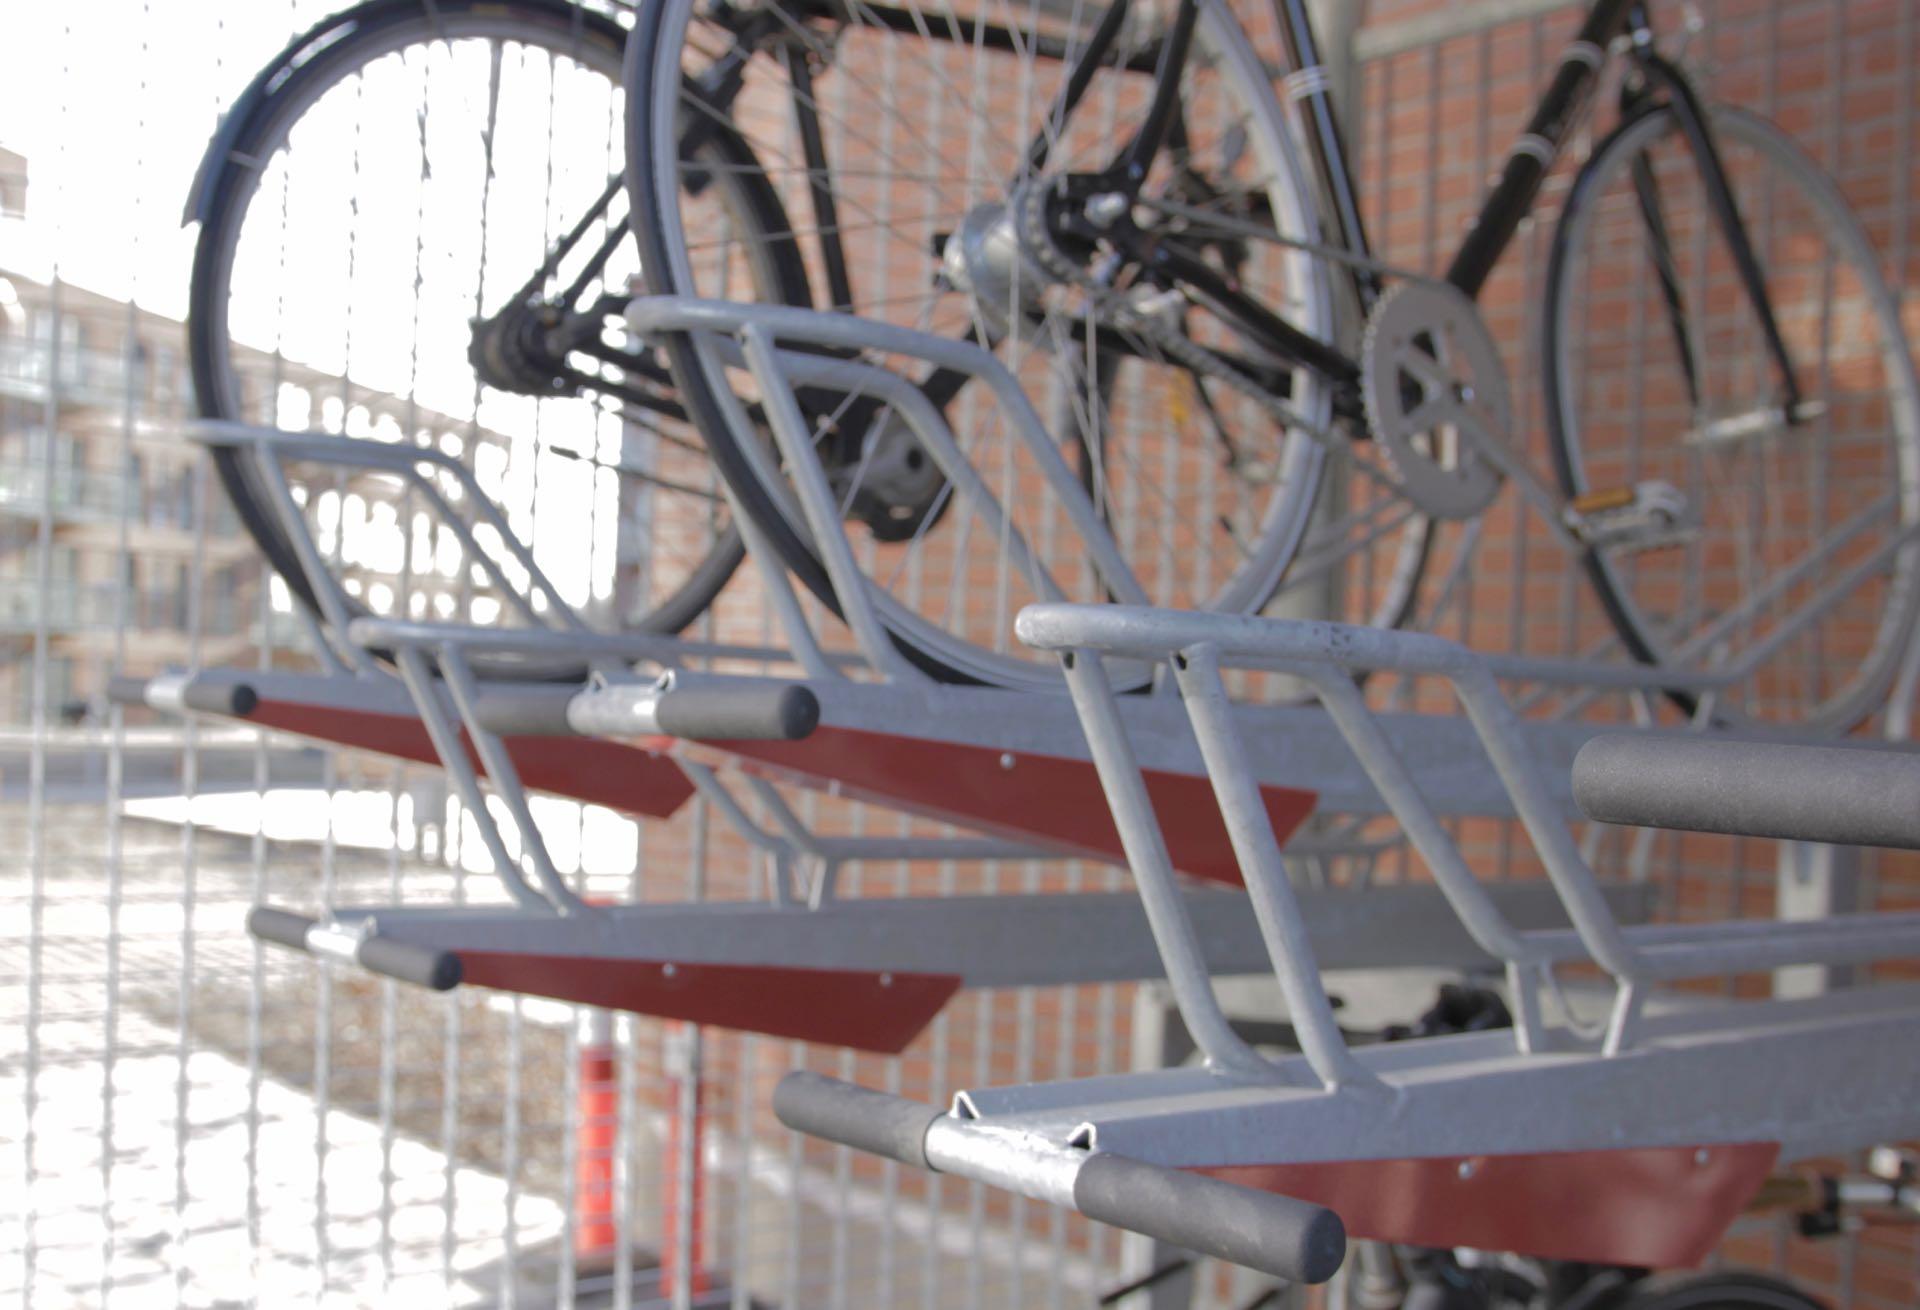 2ParkUp dobbelt cykelstativ